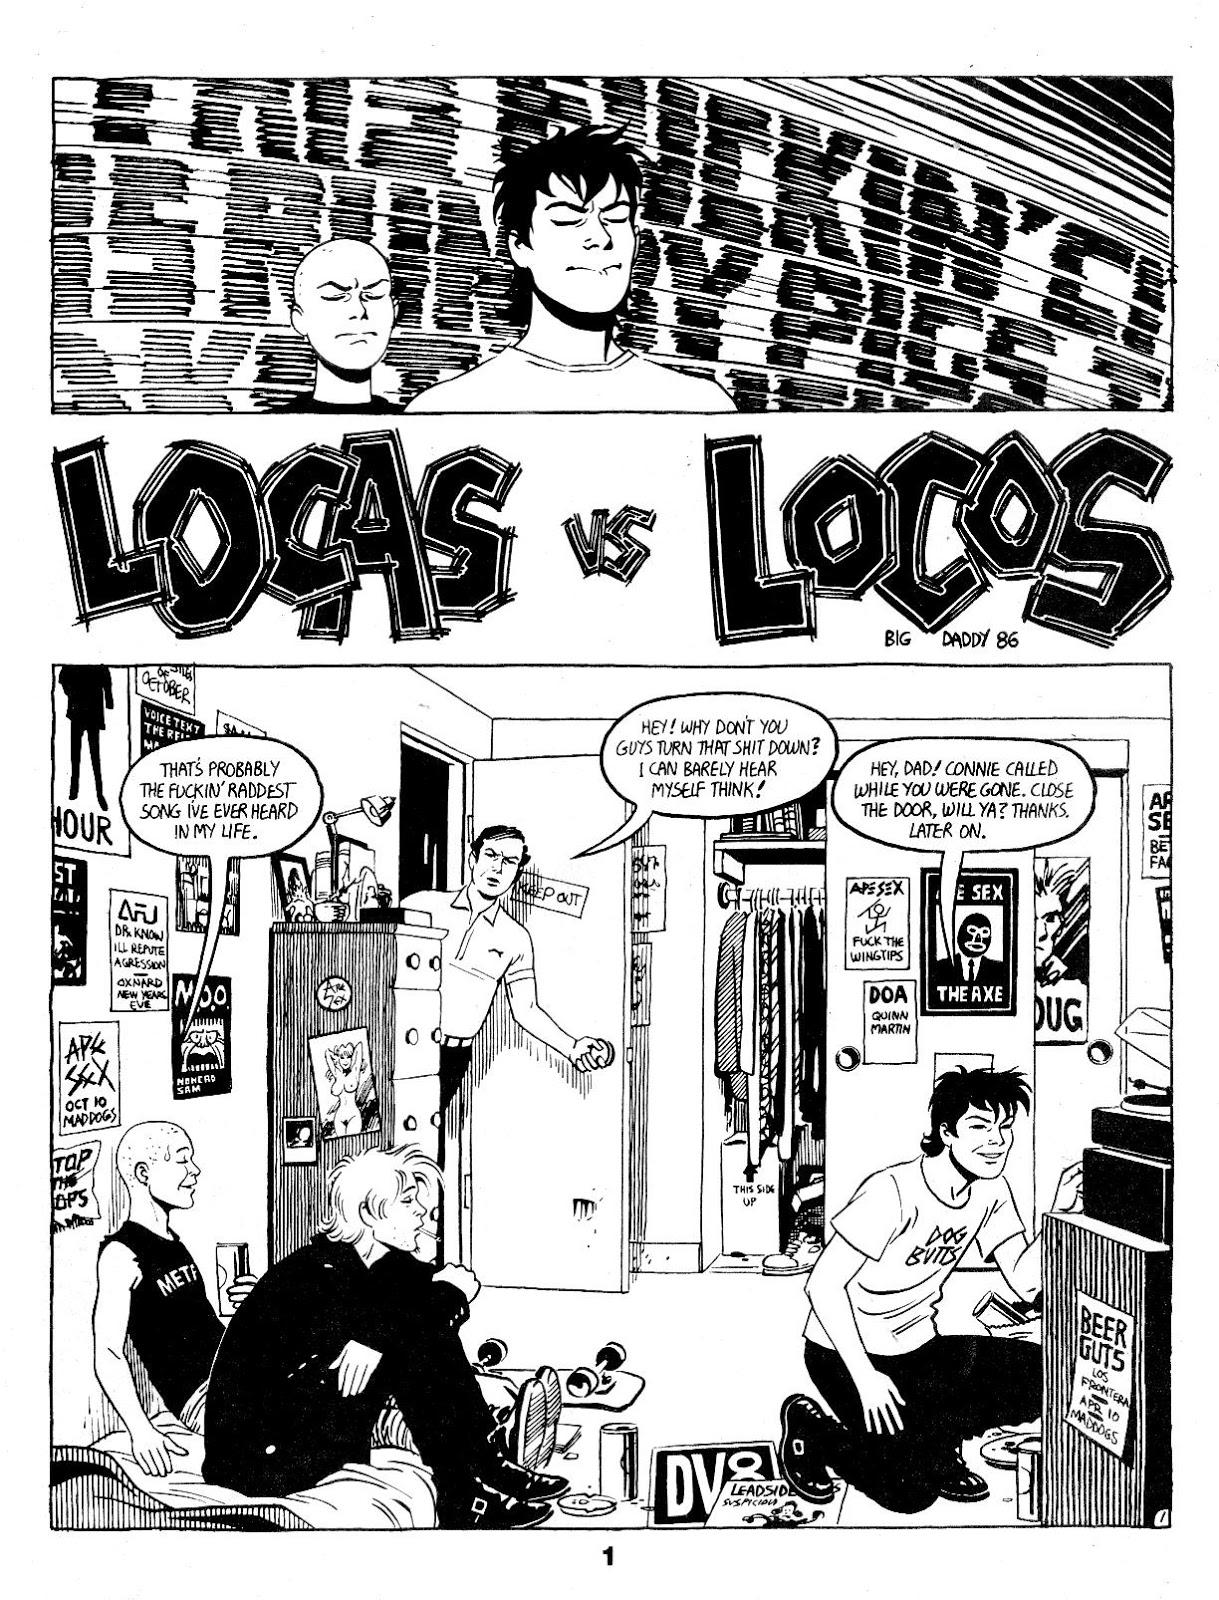 Les comics que vous lisez en ce moment - Page 18 LoveRockets17%2B03